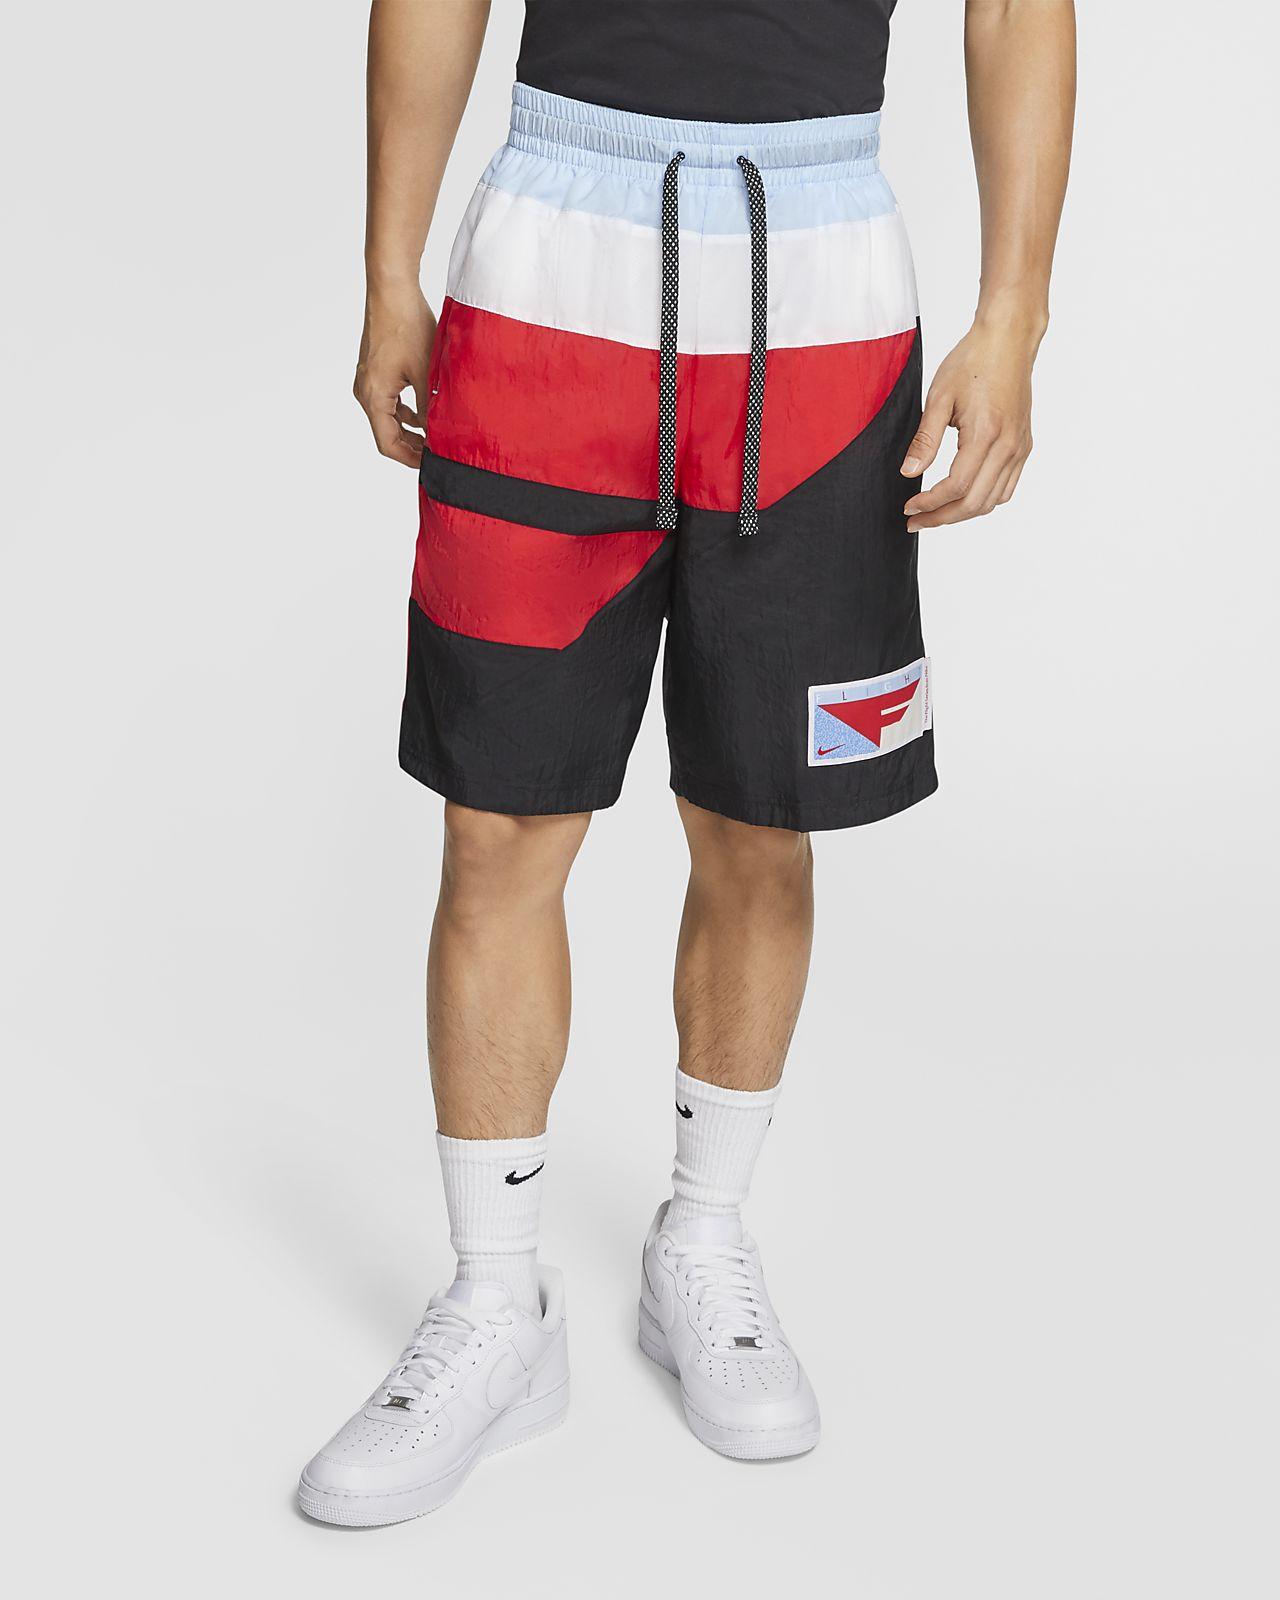 Nike Flight 男款籃球褲